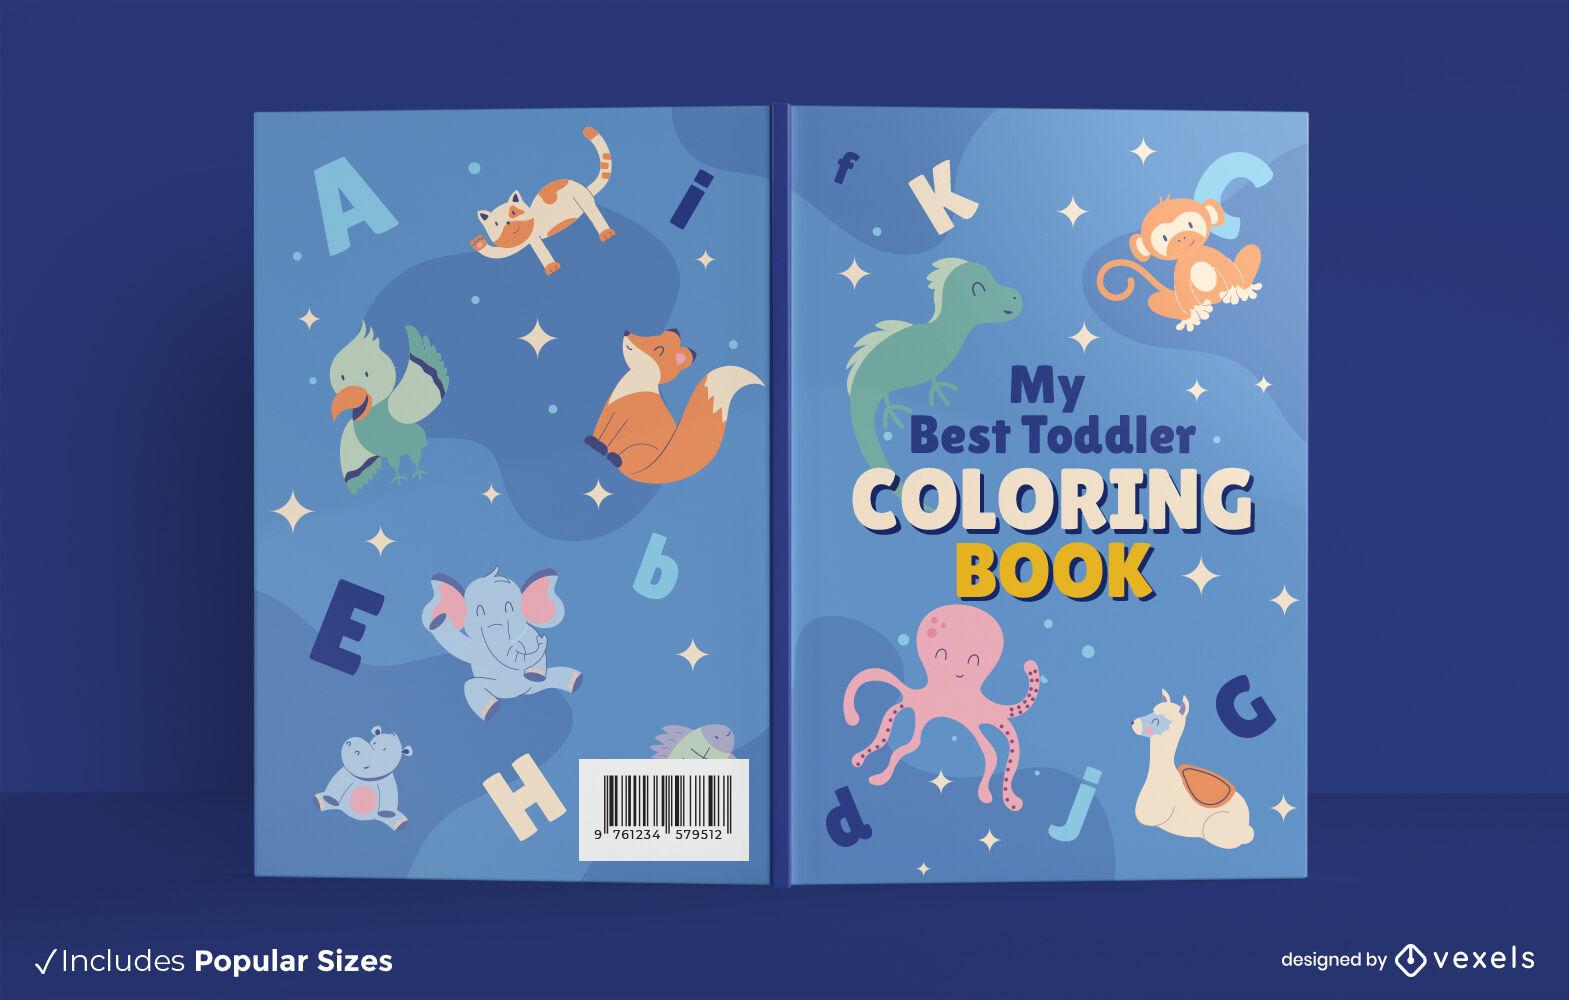 Dise?o de portada de libro para colorear de animales lindos